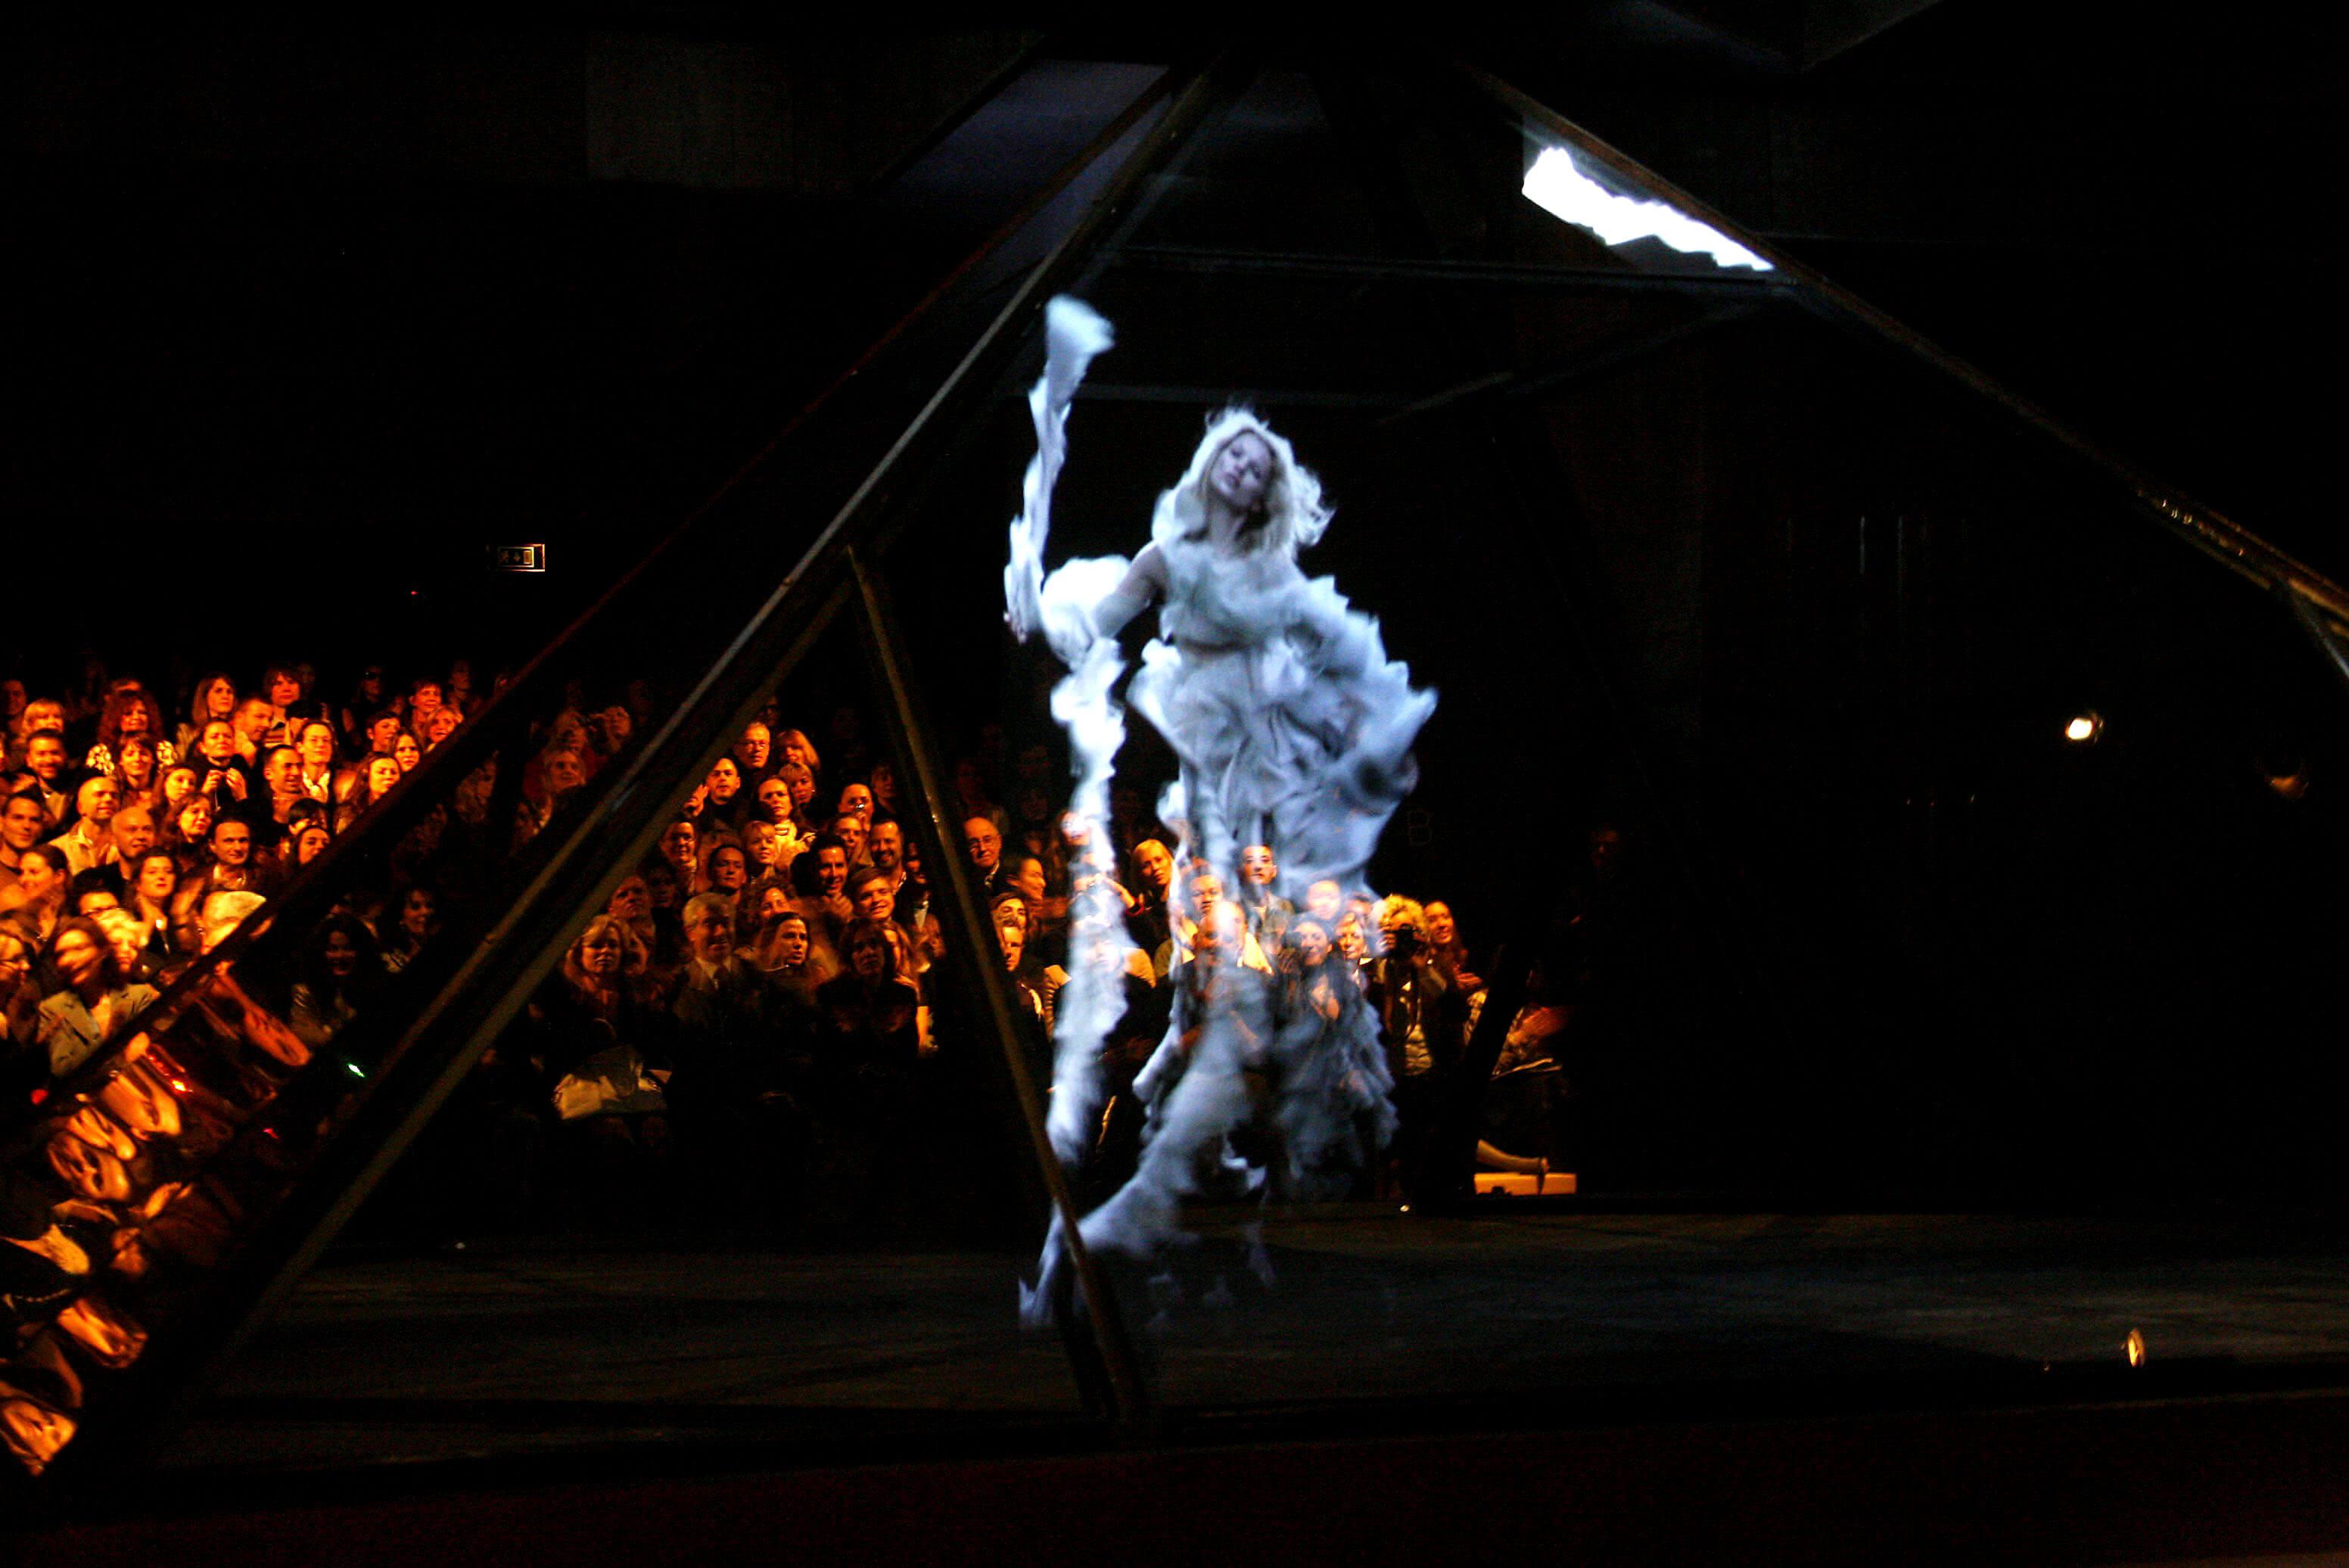 Pokaz Widows of Culloden Alexander McQueen 2005